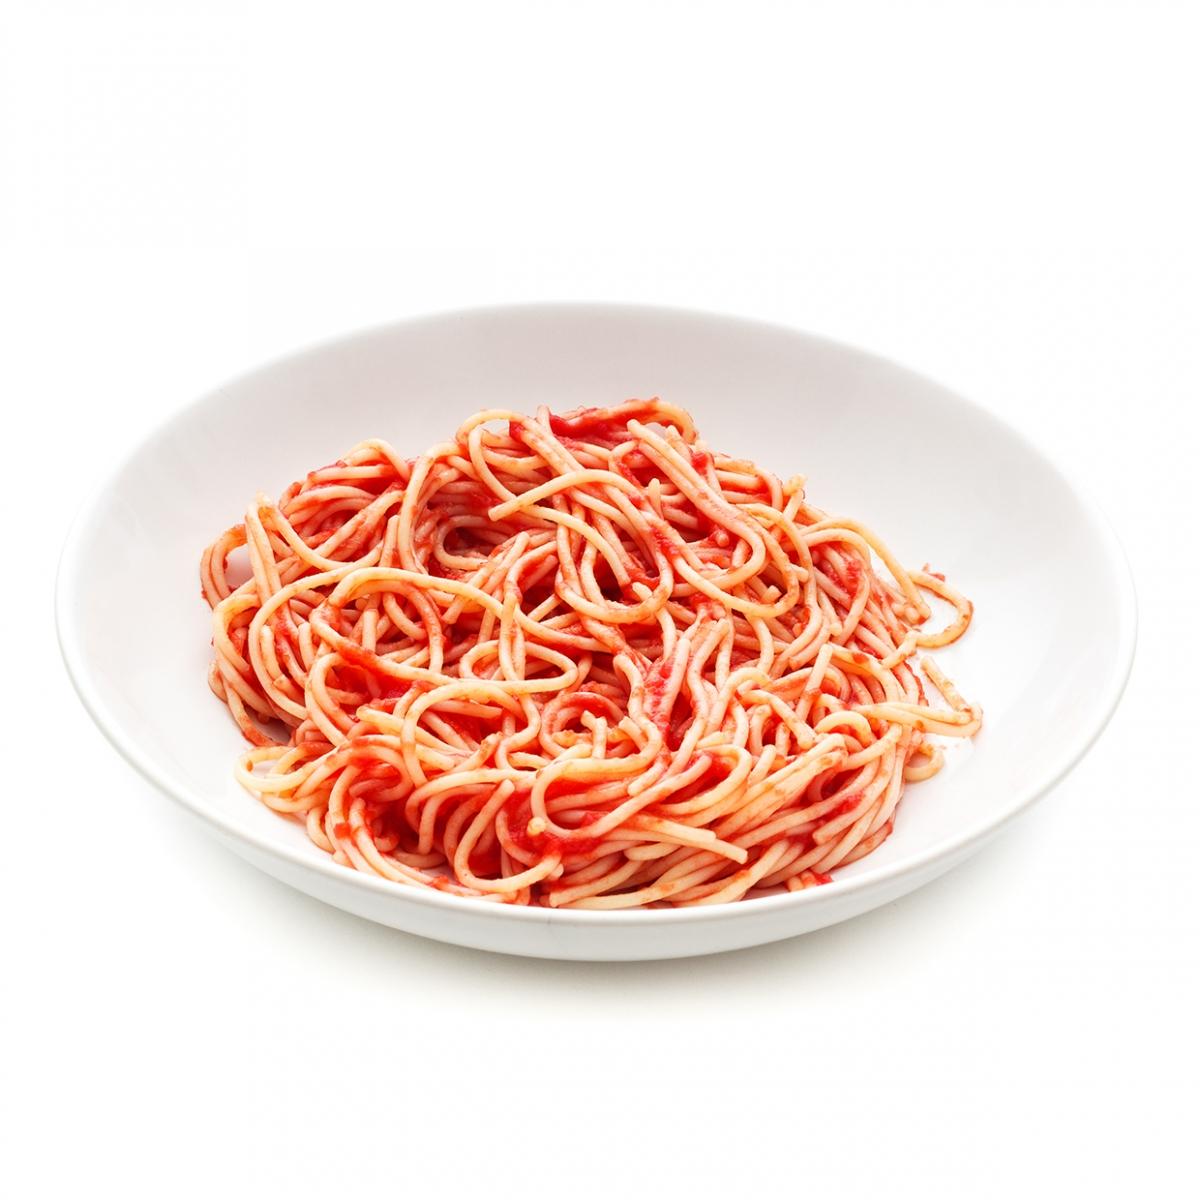 Imagen en la que se ve un plato de espaguetis con tomate frito